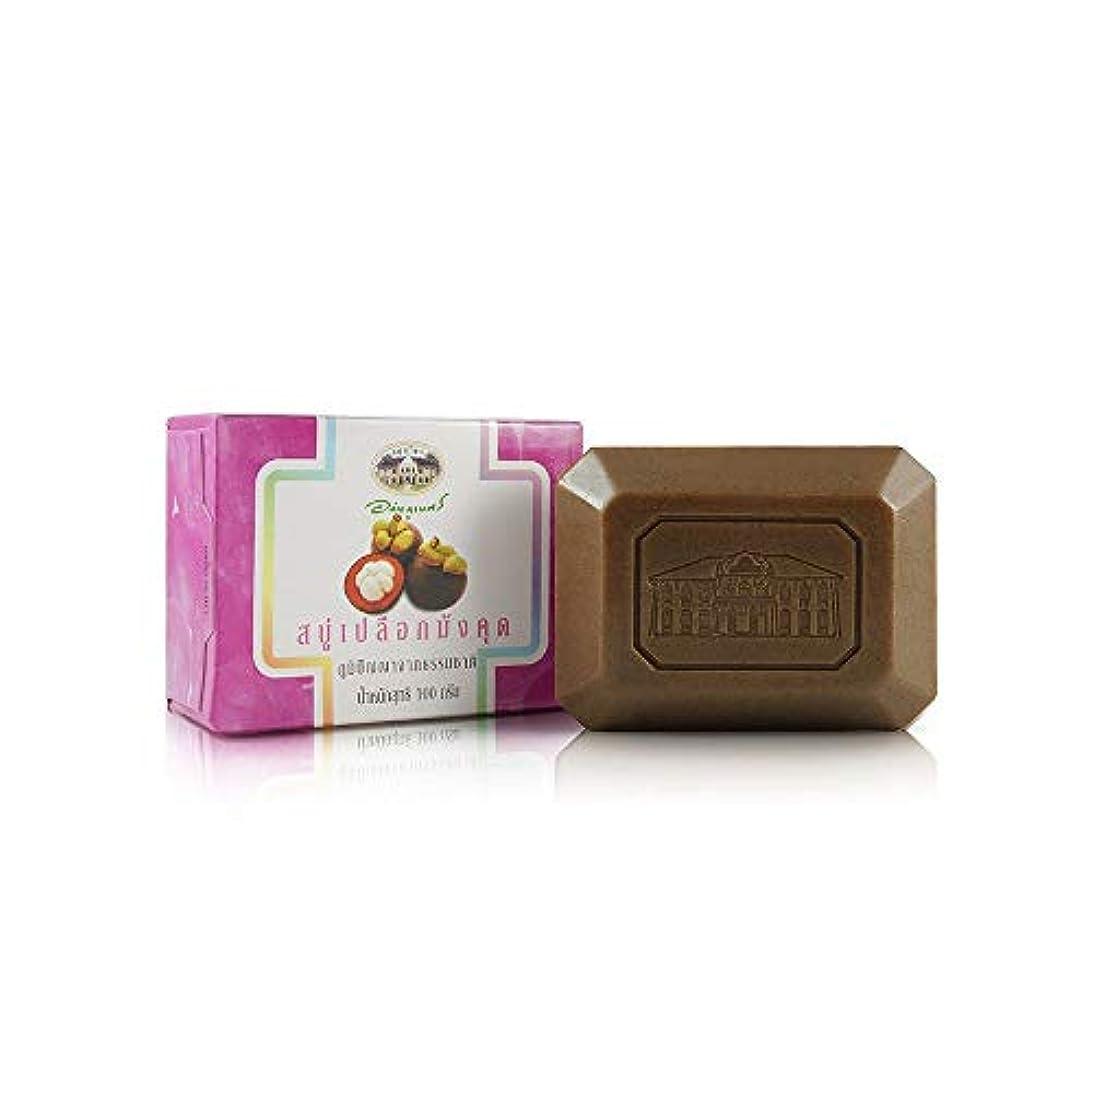 概要収益ダイバーAbhaibhubejhr Mangosteen Peel Skin Herbal Body Cleansing Soap 100g. Abhaibhubejhrマンゴスチンピールスキンハーブボディクレンジングソープ100...